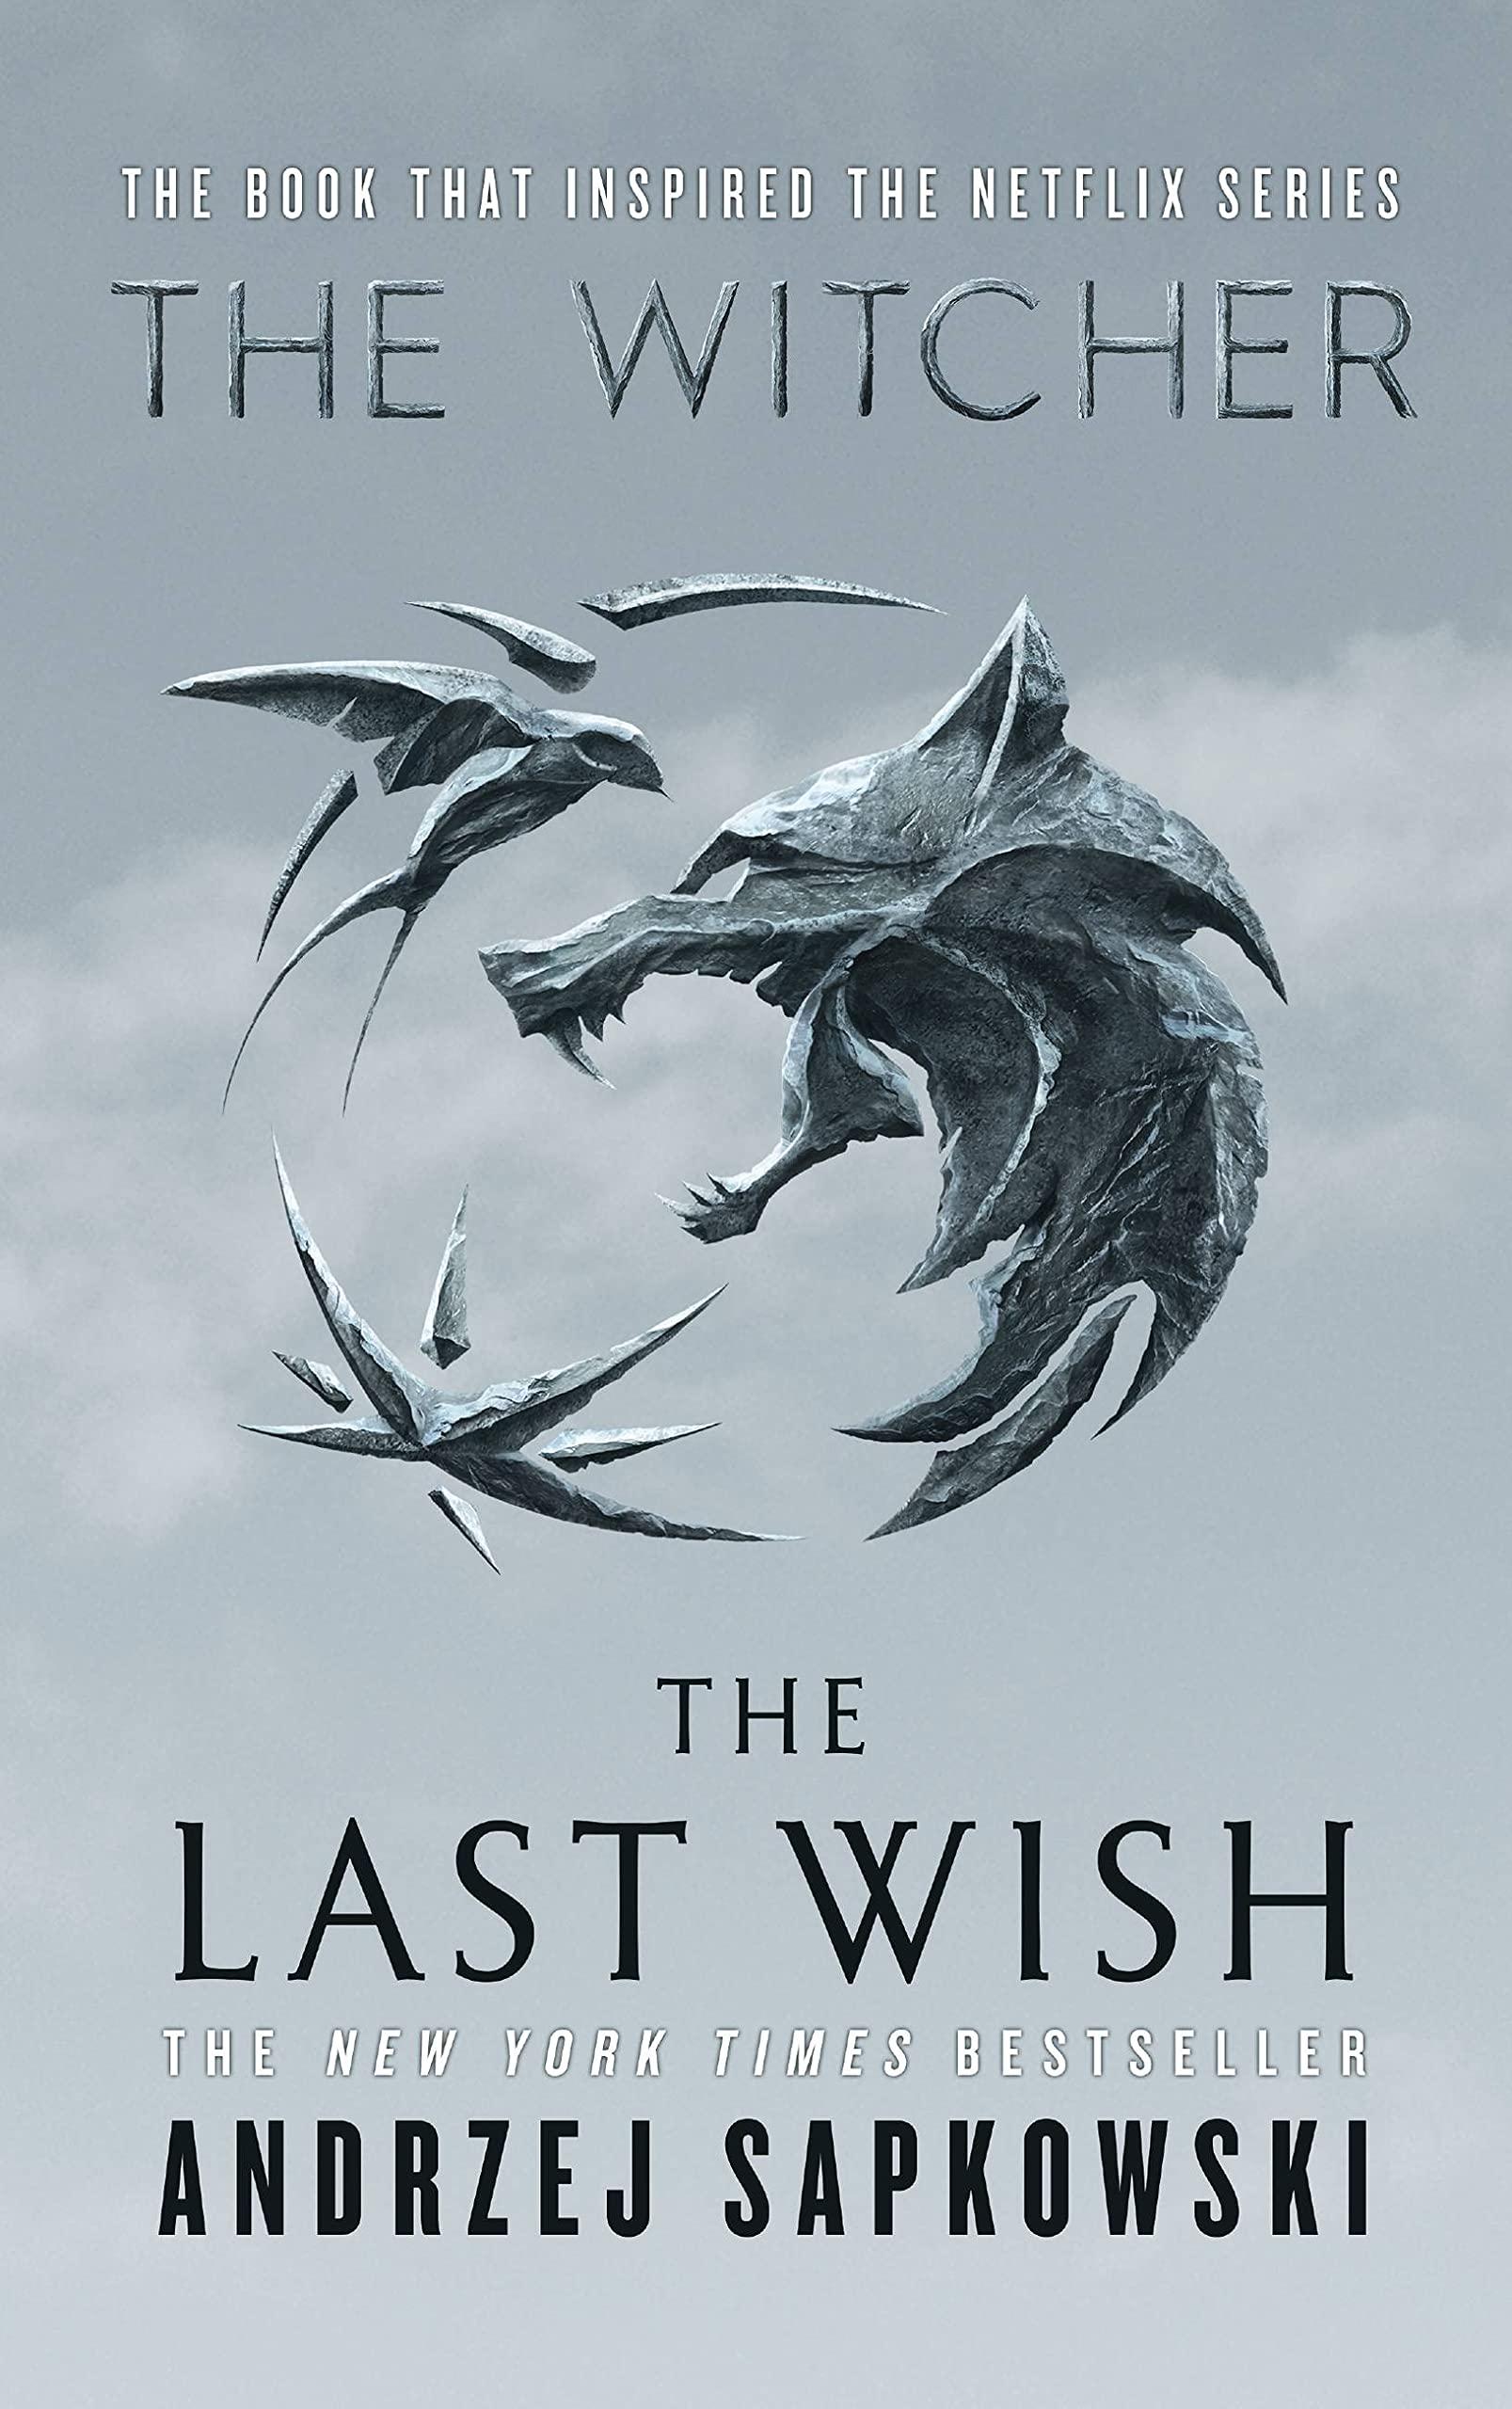 Ebook The Last Wish The Witcher 05 By Andrzej Sapkowski